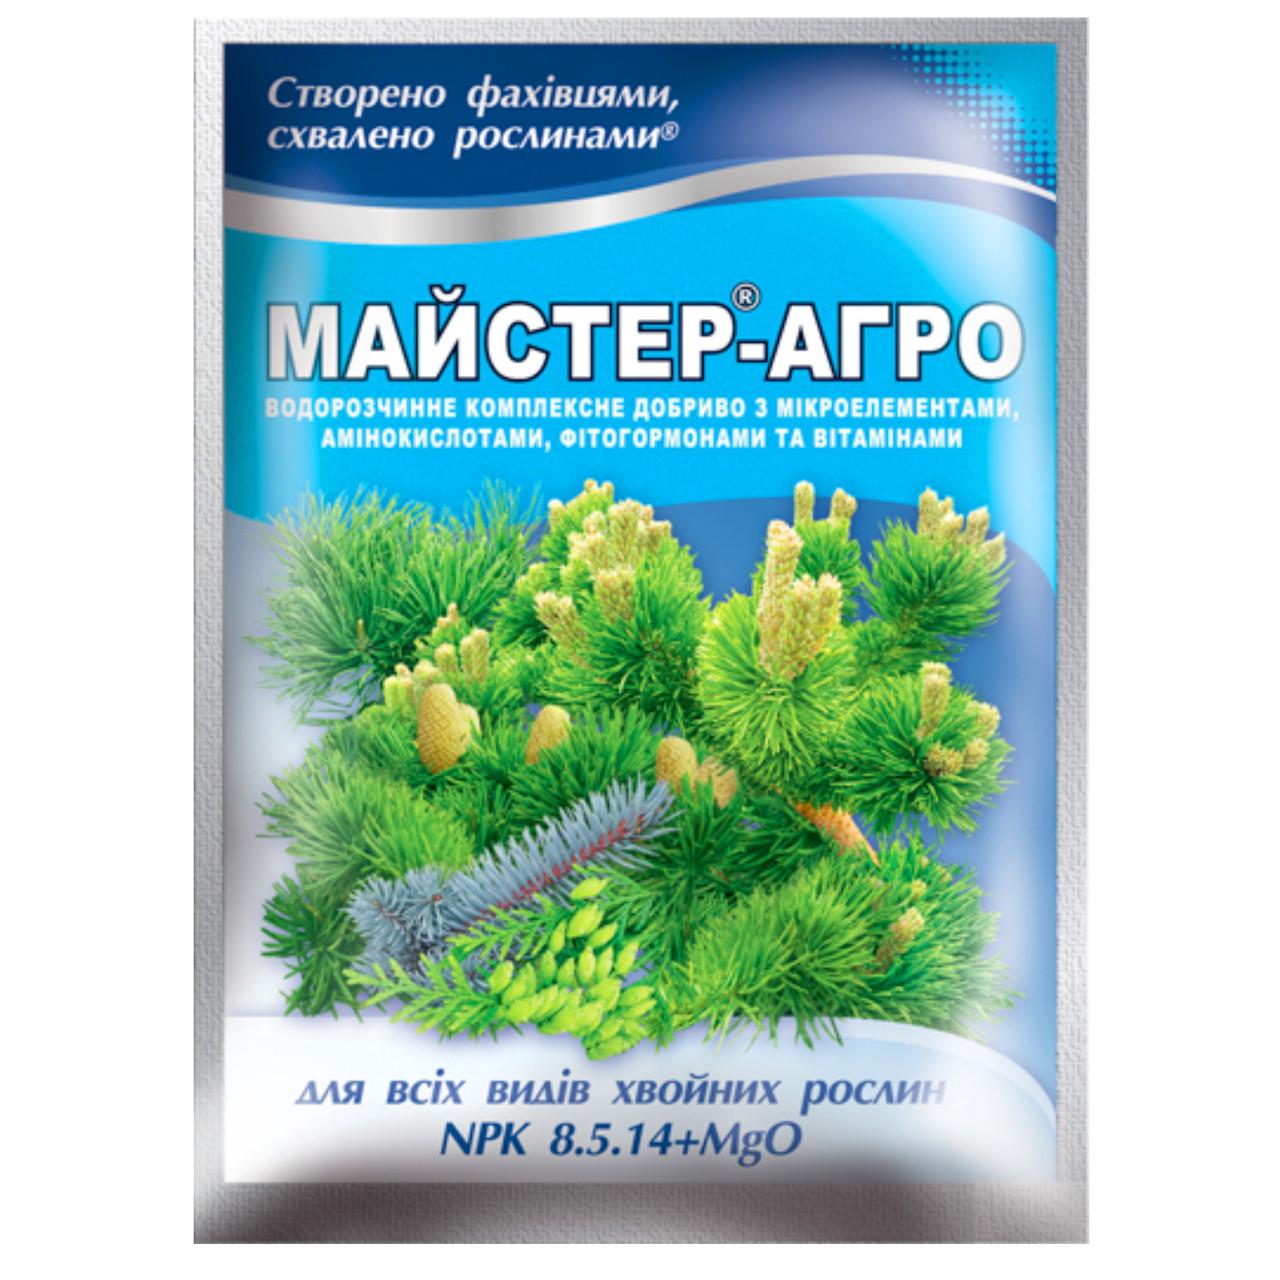 Удобрение Мастер-агро для всех видов хвойных растений 8.5.14+MgO 25 г